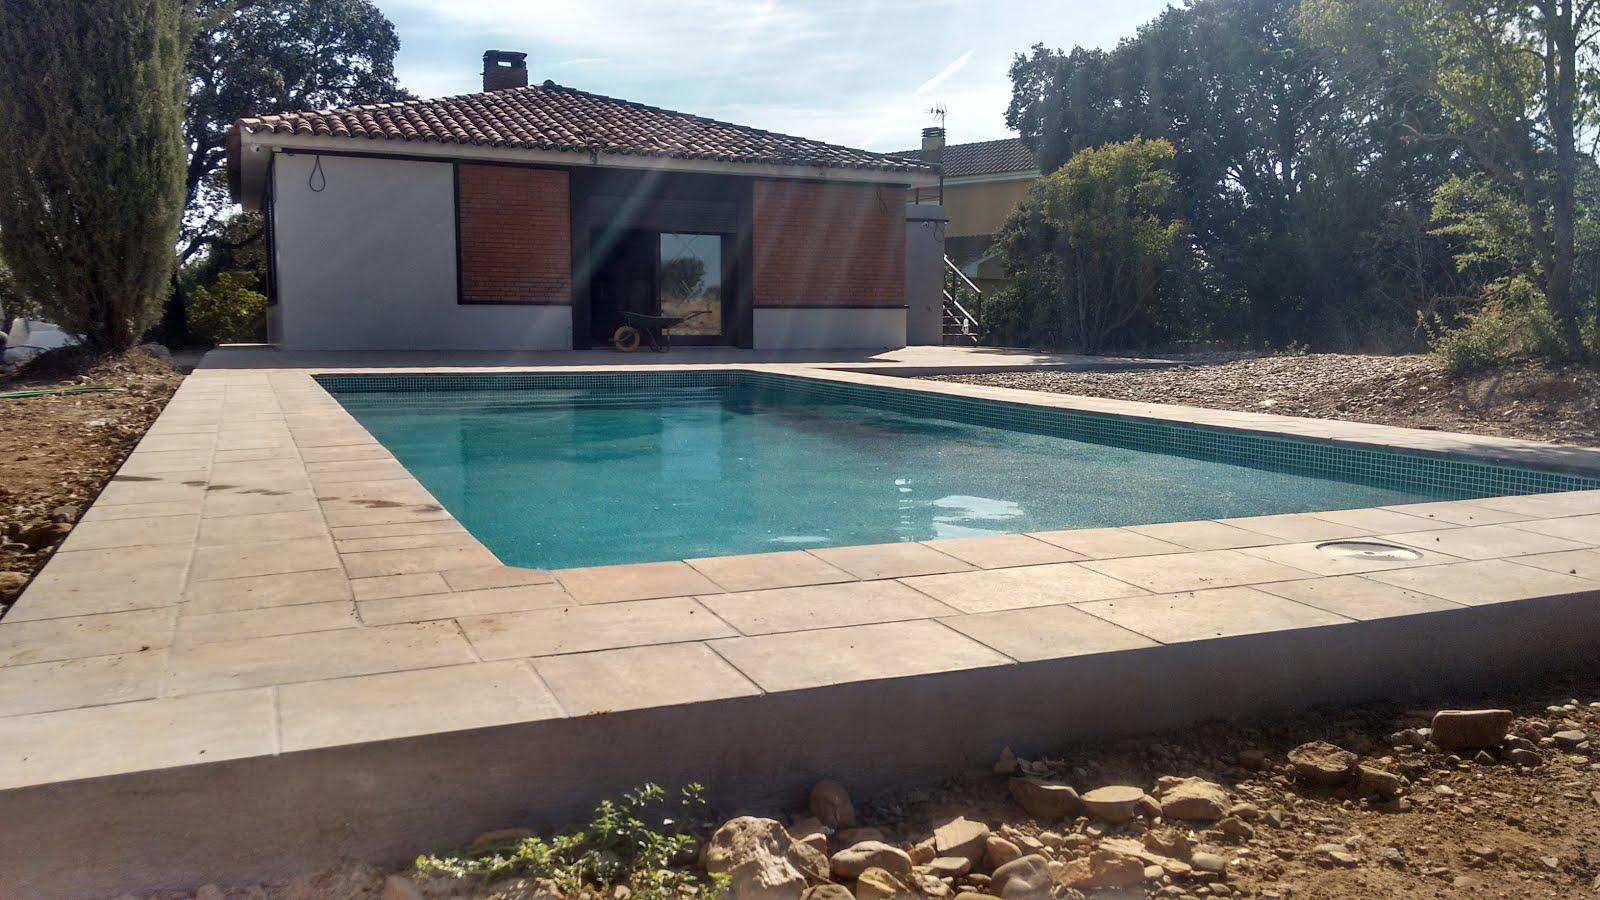 Conoce tu piscina piscinas de fibra o piscinas de obra for Piscinas rectangulares de obra